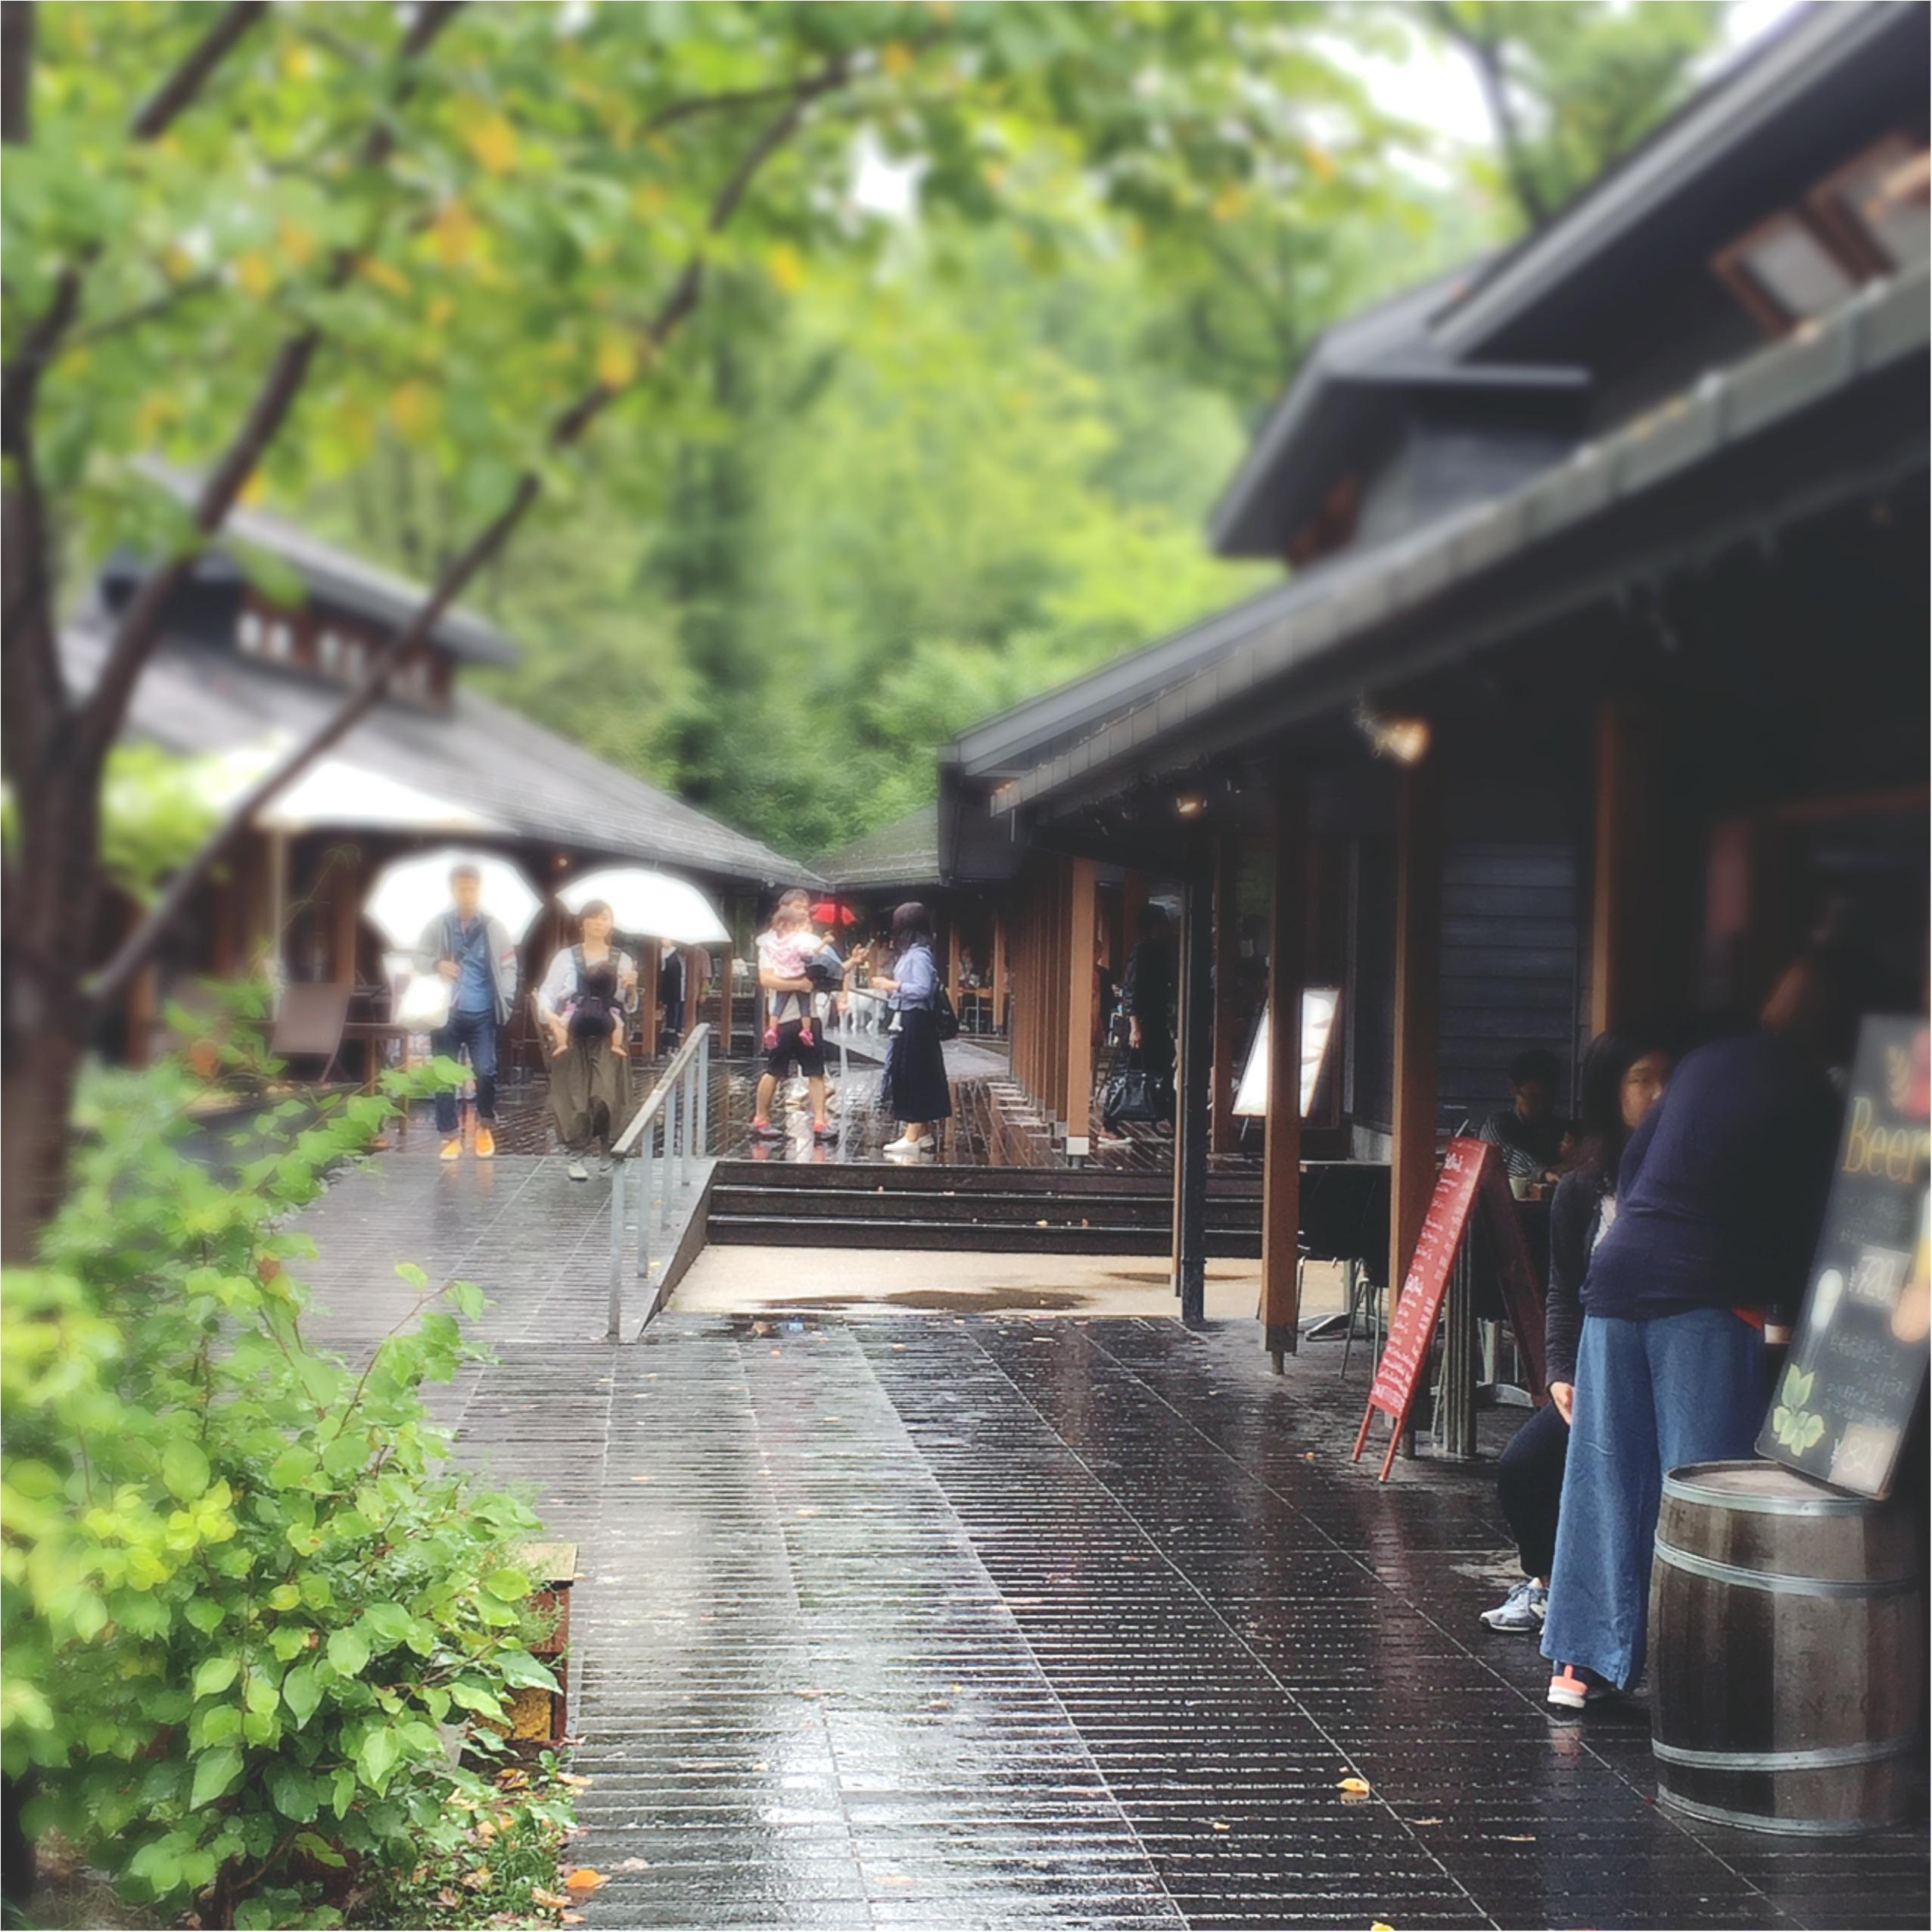 軽井沢女子旅特集 - 日帰り旅行も! 自然を満喫できるモデルコースやおすすめグルメ、人気の星野リゾートまとめ_74